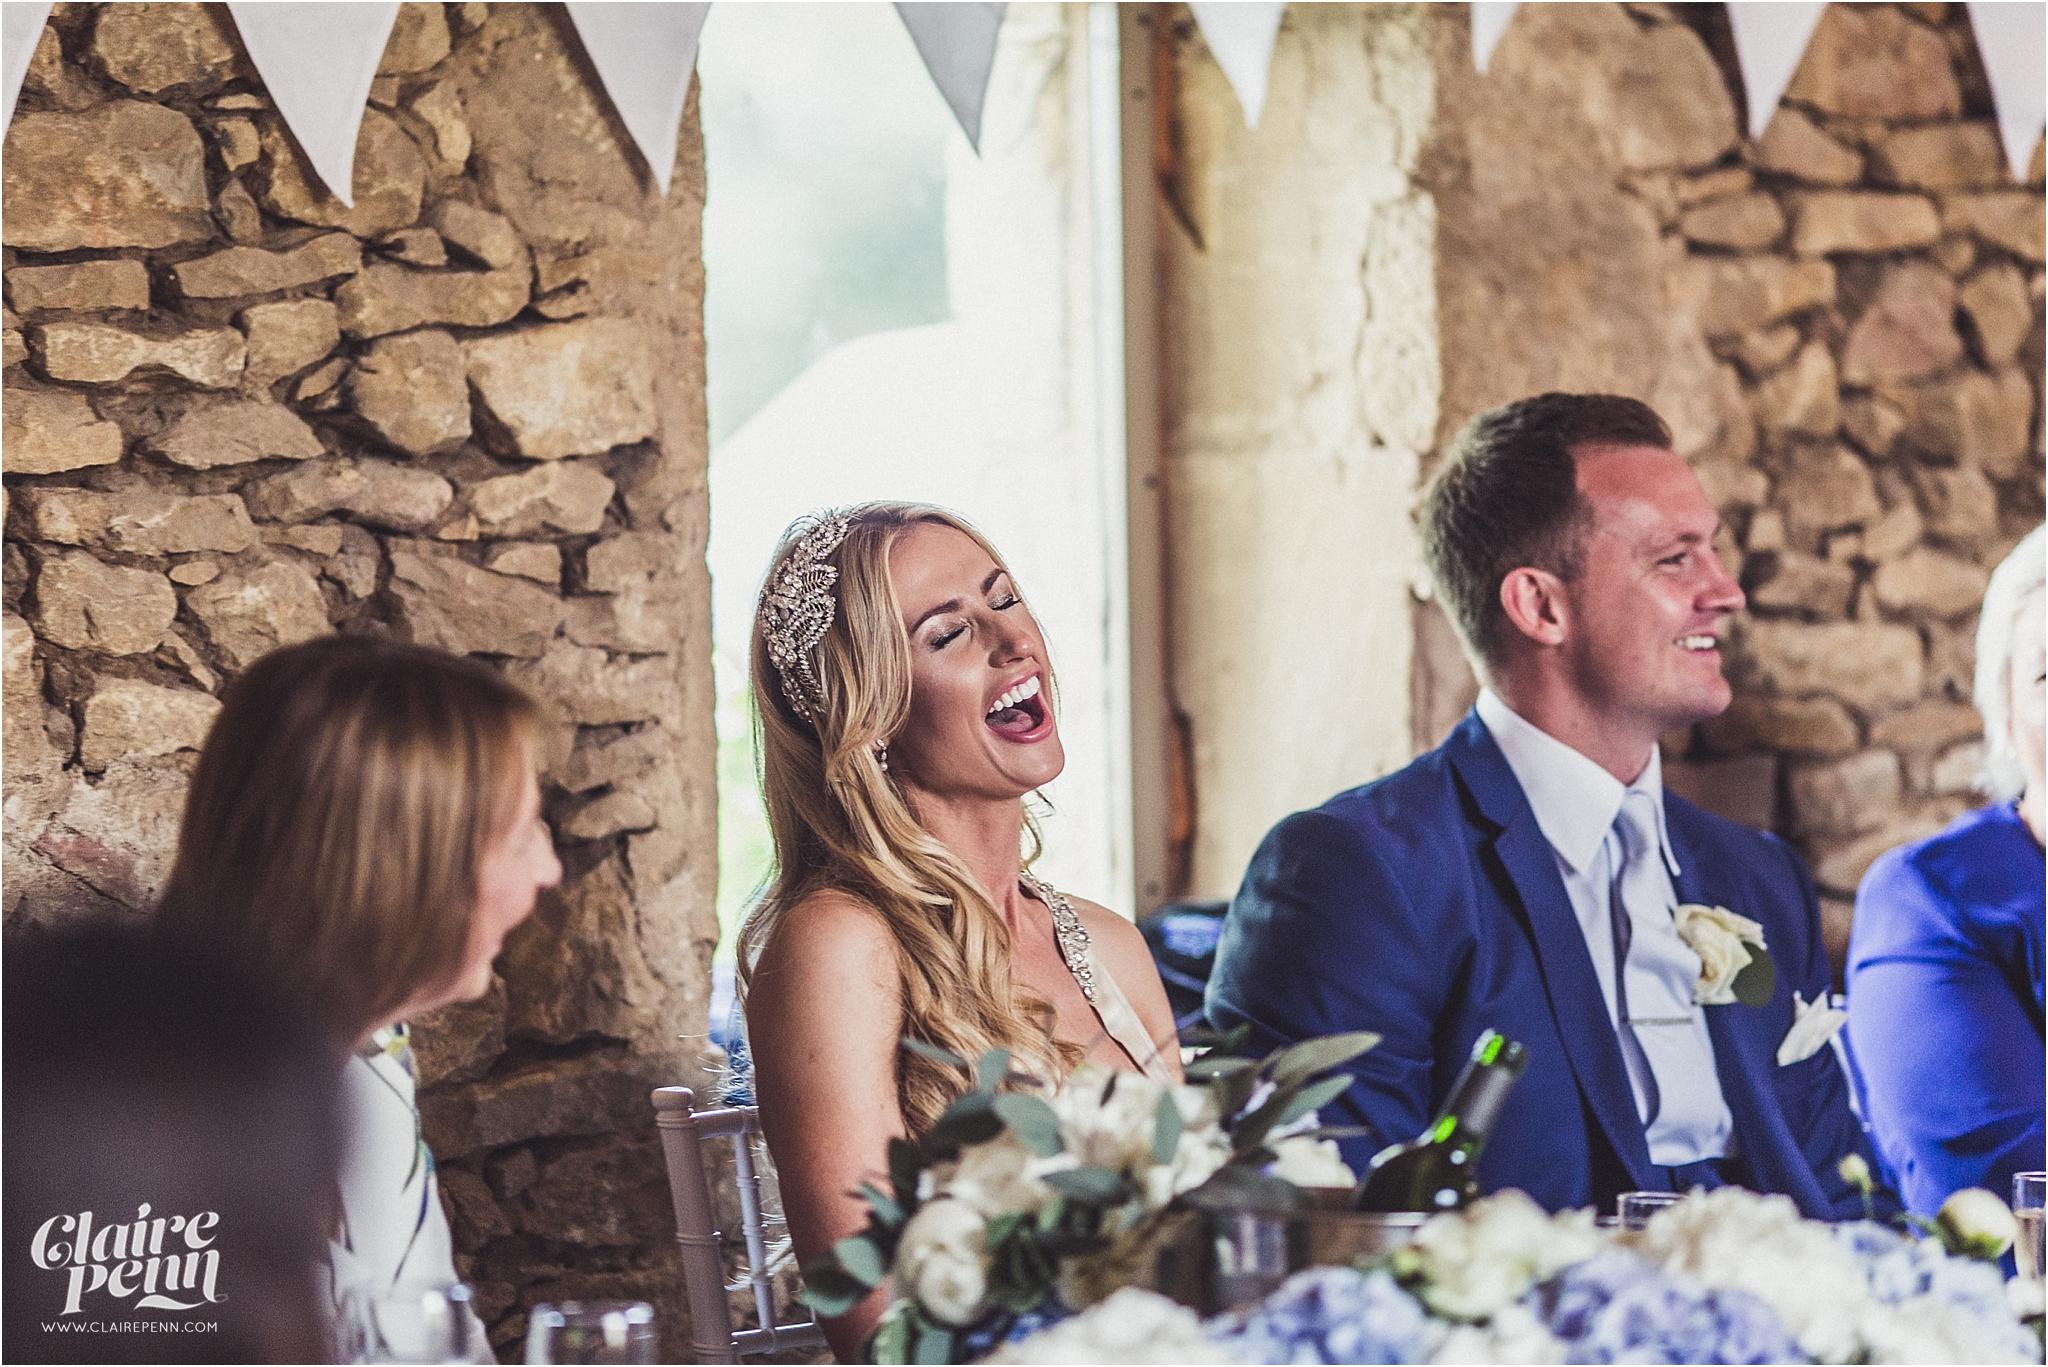 Fairytale Chateau wedding Dordogne 00057.jpg